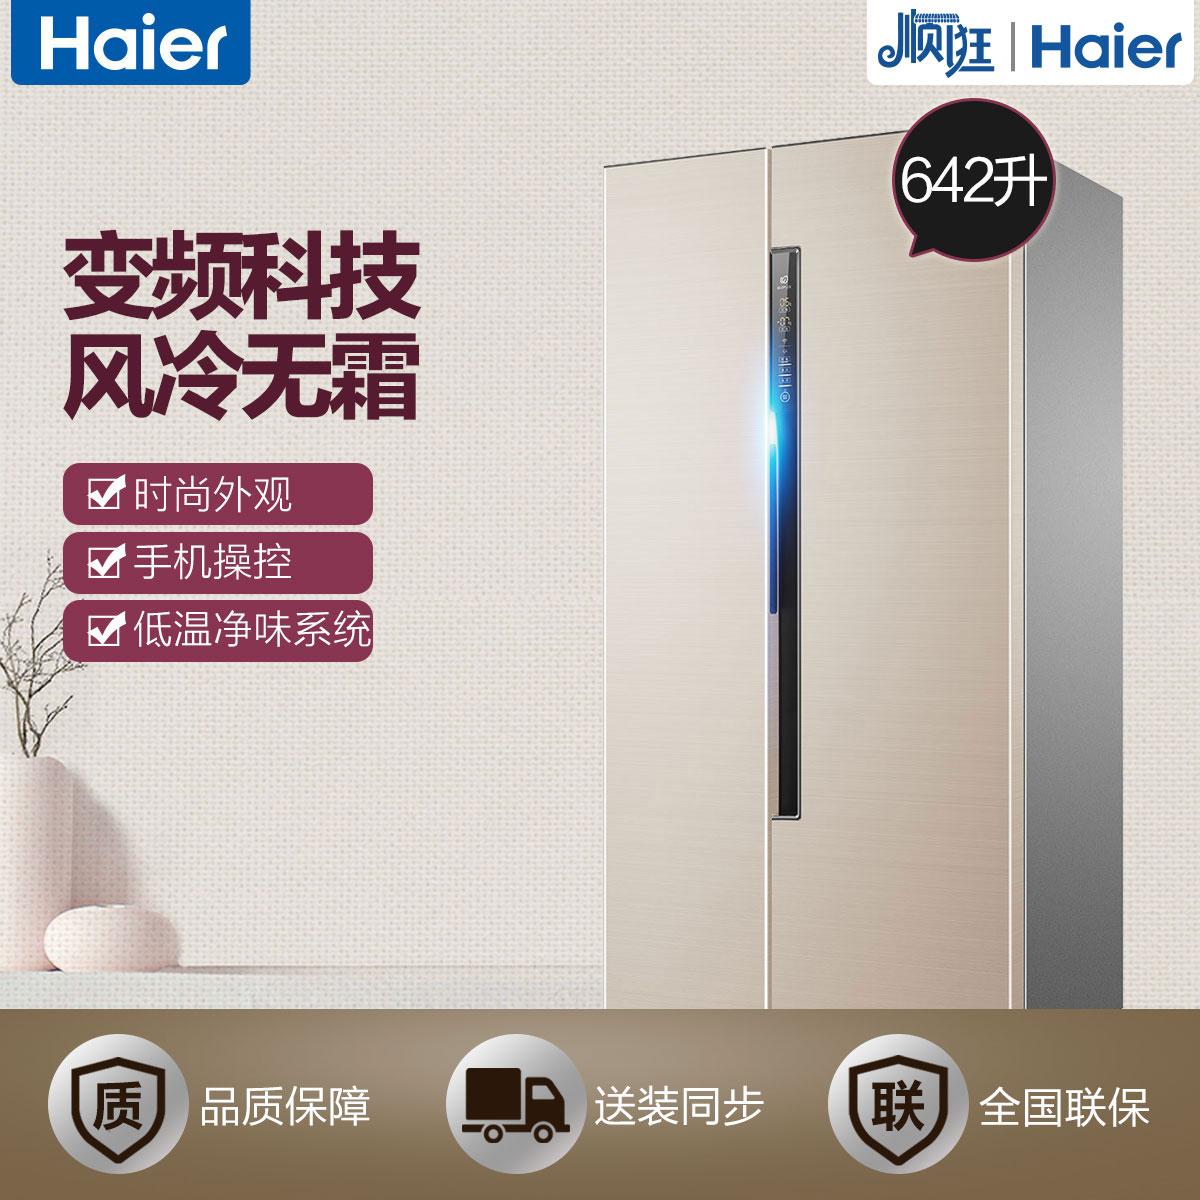 变频 风冷无霜 手机智控 BCD-642WDVMU1 642升变频对开门大容量冰箱